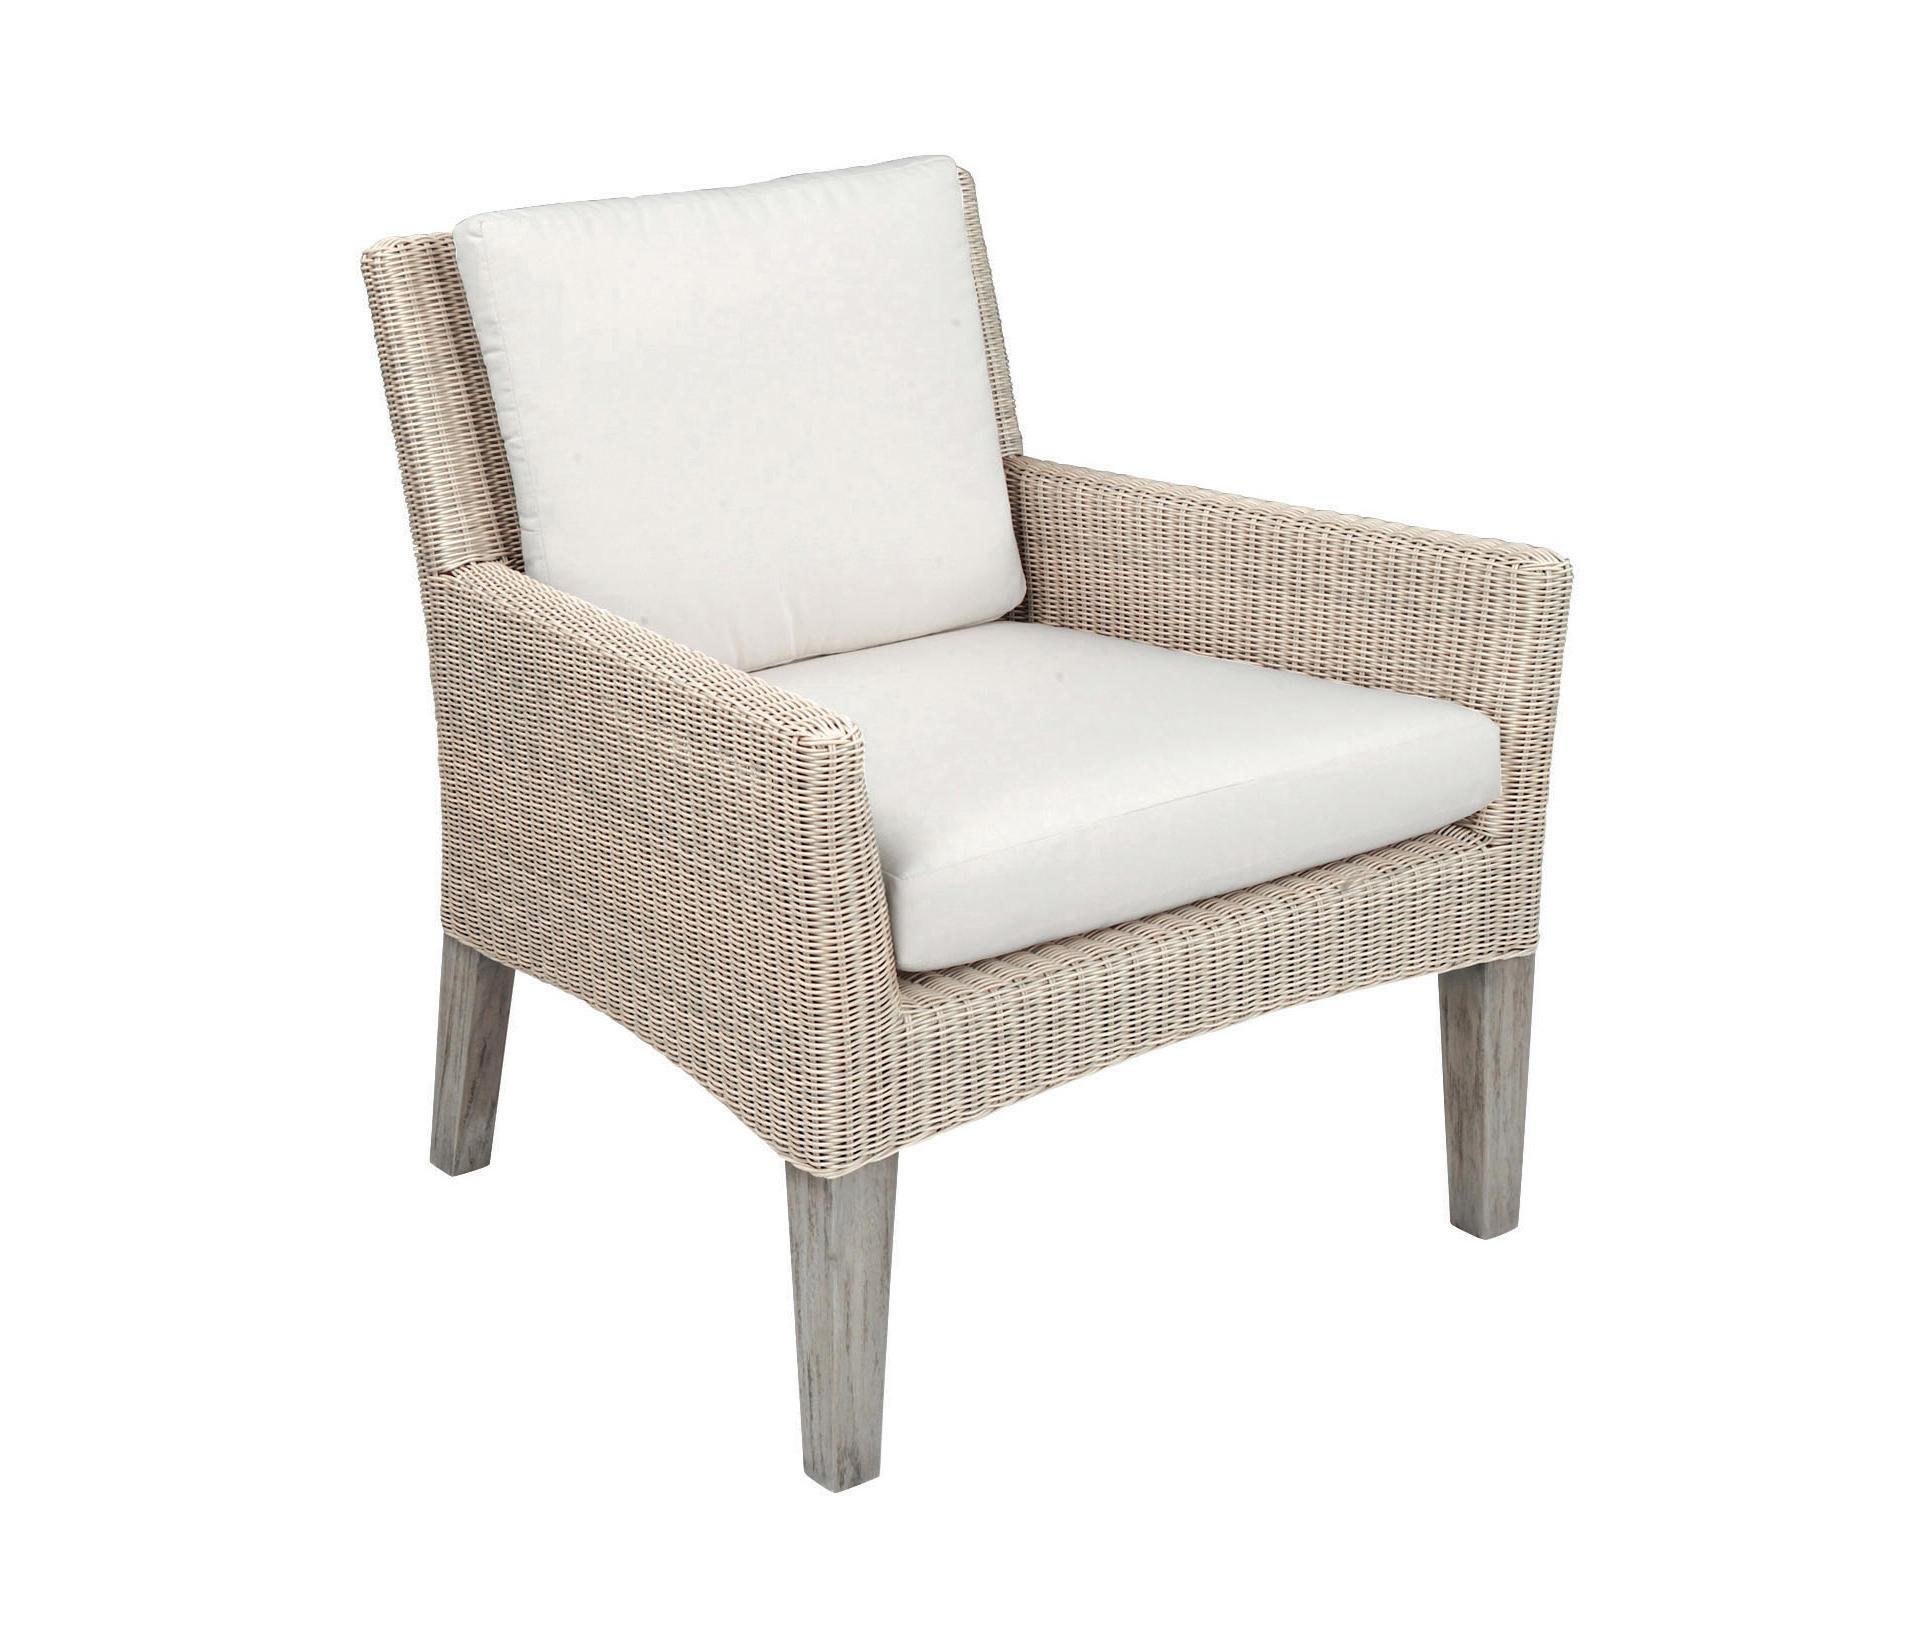 Paris Club Chair By Kingsley Bate | Chairs